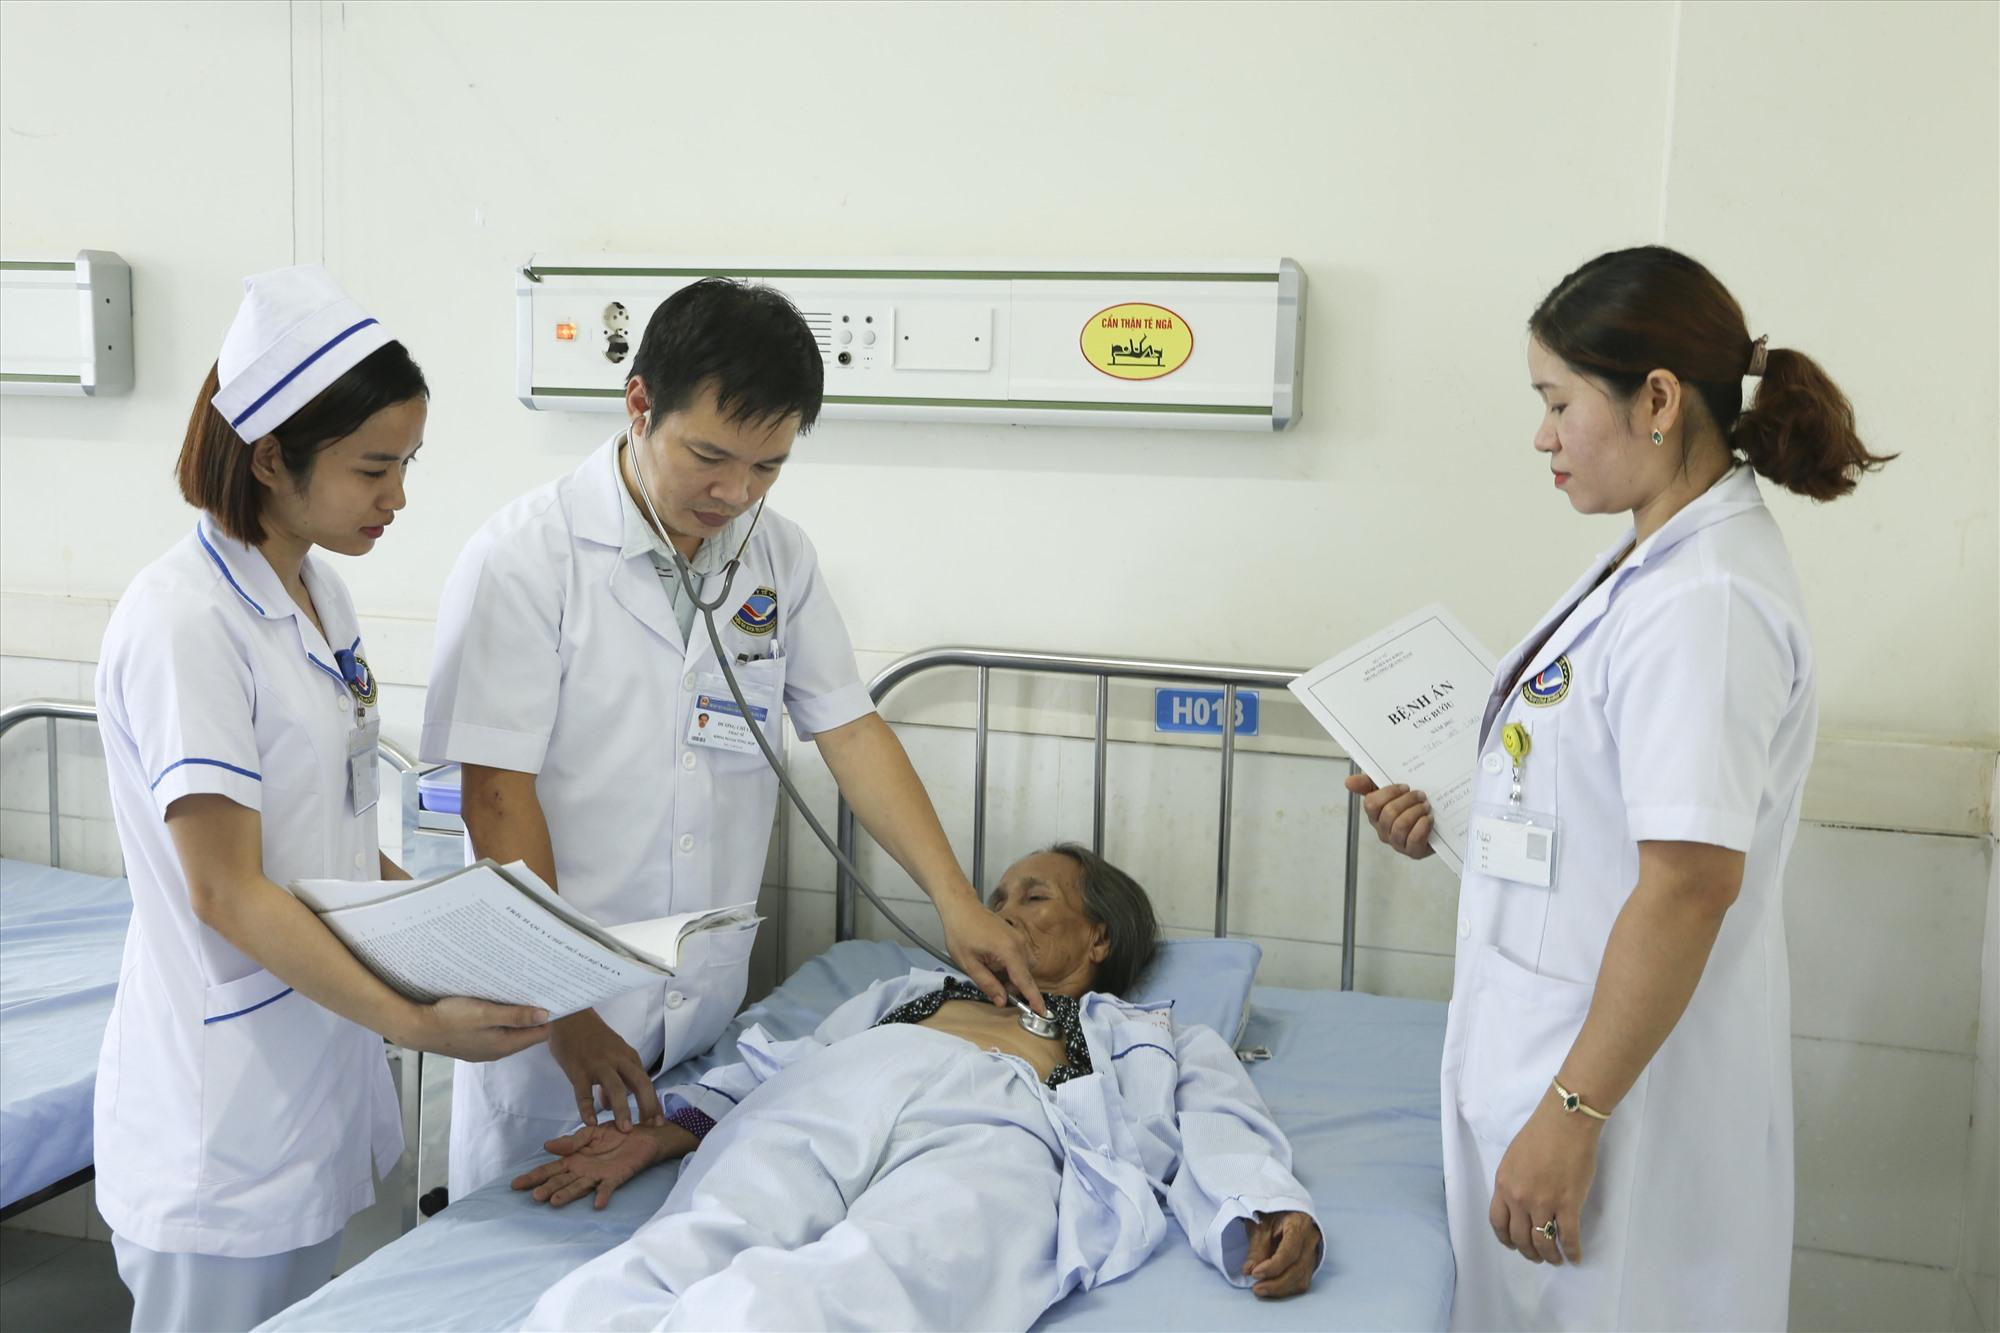 Chăm sóc sức khỏe cho nhân dân là nhiệm vụ đầy cao cả của mỗi cán bộ, nhân viên y tế